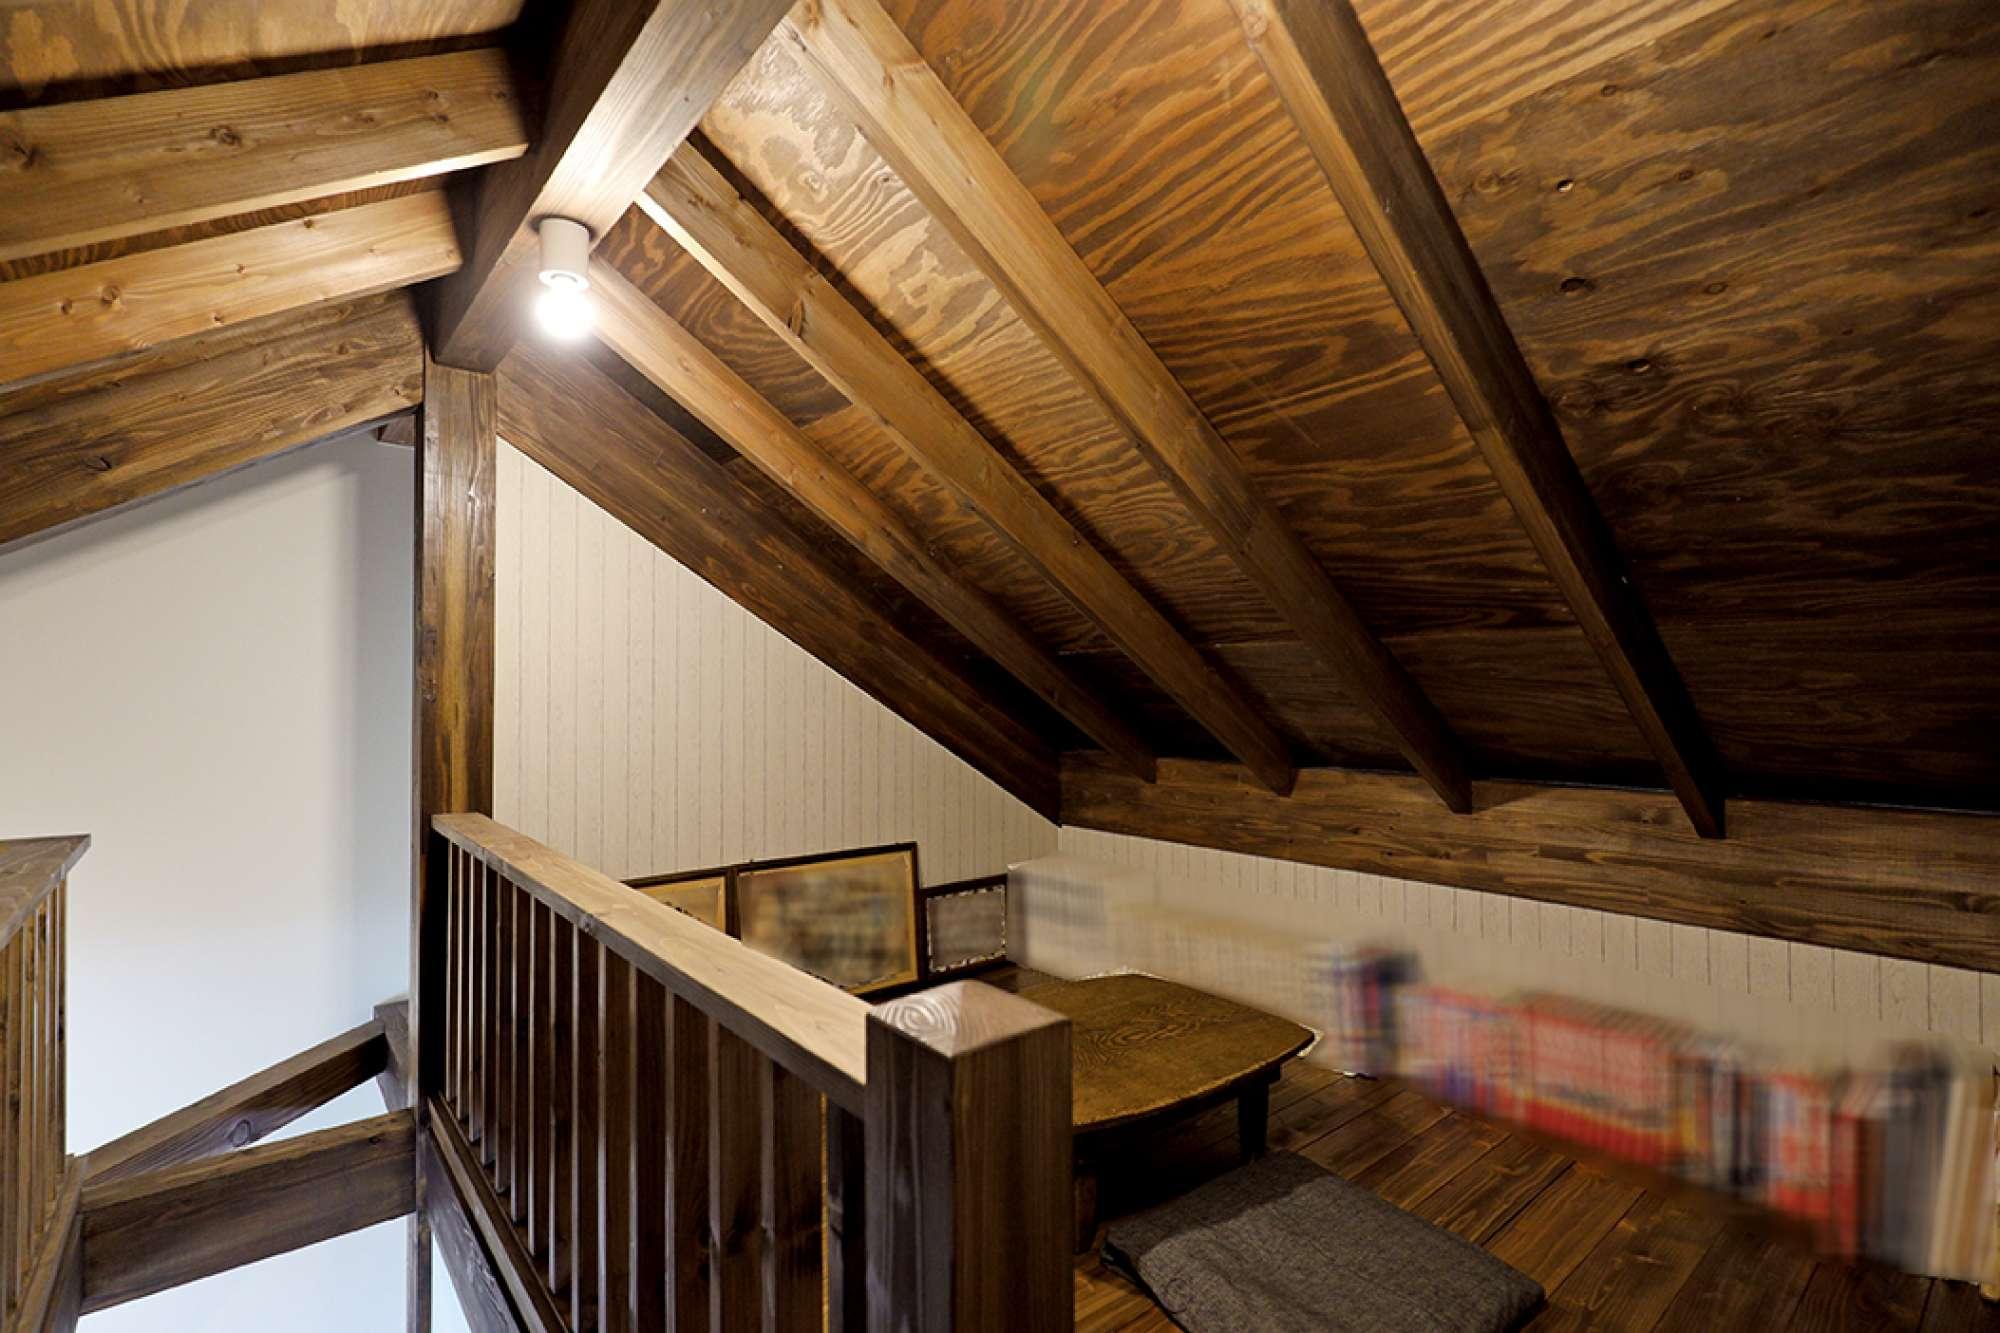 表し天井が迫力満点のロフトも、くつろぎのスペース -  -  -